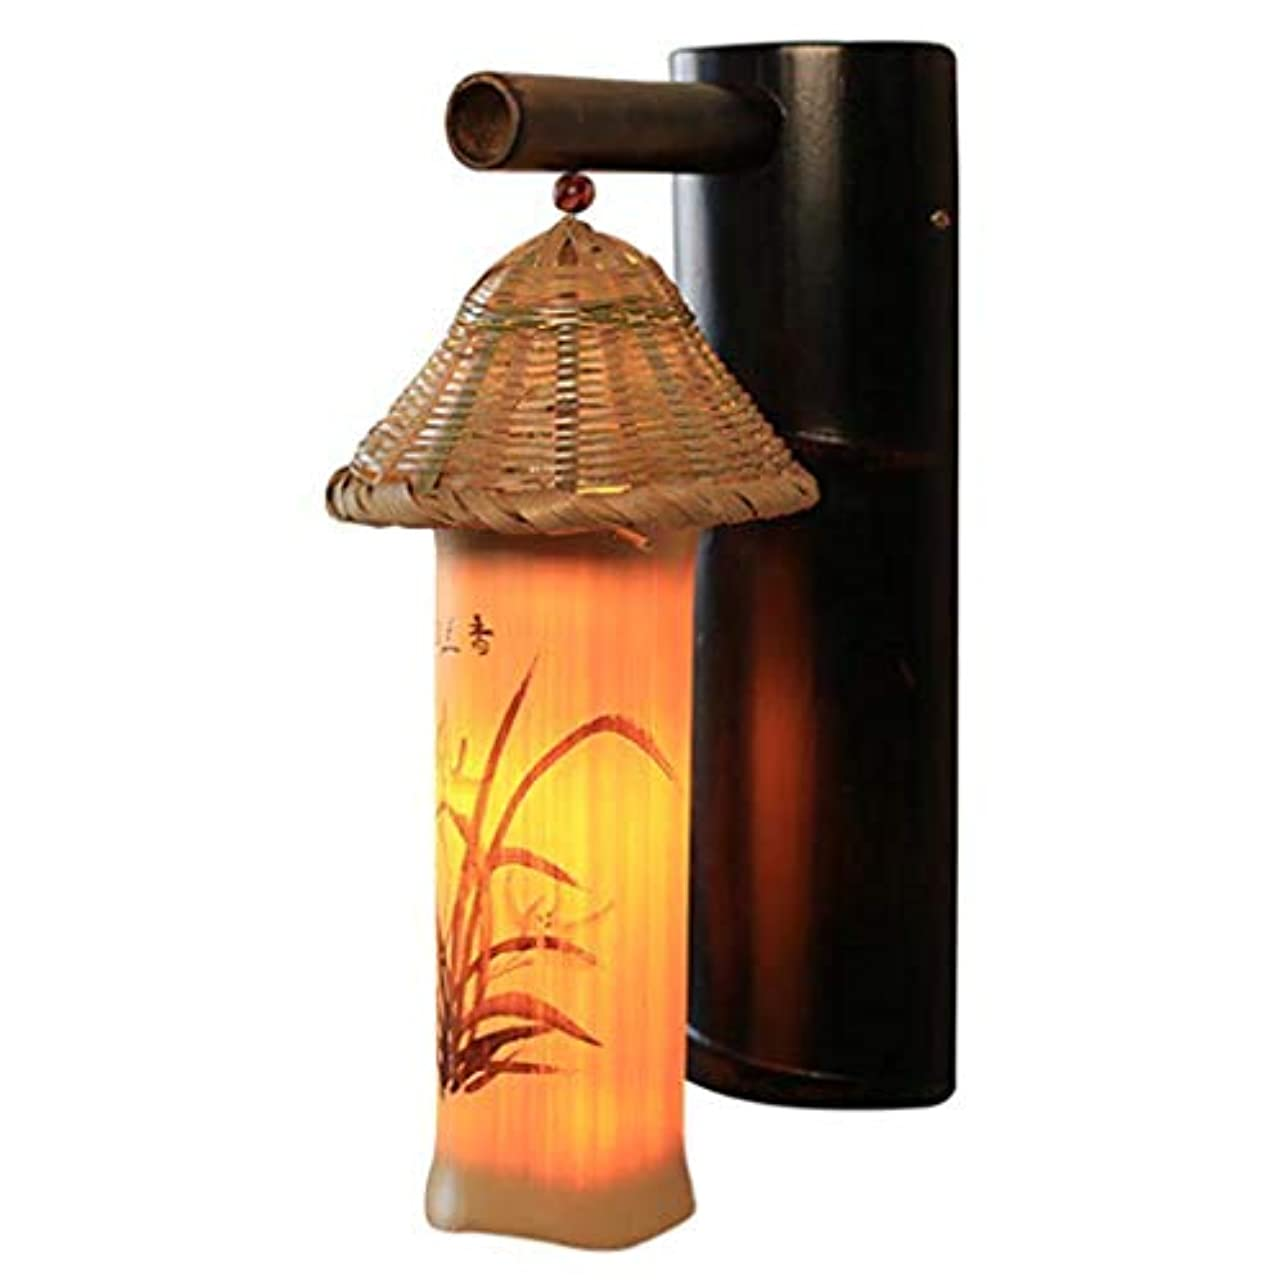 曇った酔って変動する壁面ライト, 壁照明中国のシンプルな竹レストランホテル廊下通路ランプ研究竹夜間照明壁ランプ(サイズ:41x25cm) AI LI WEI